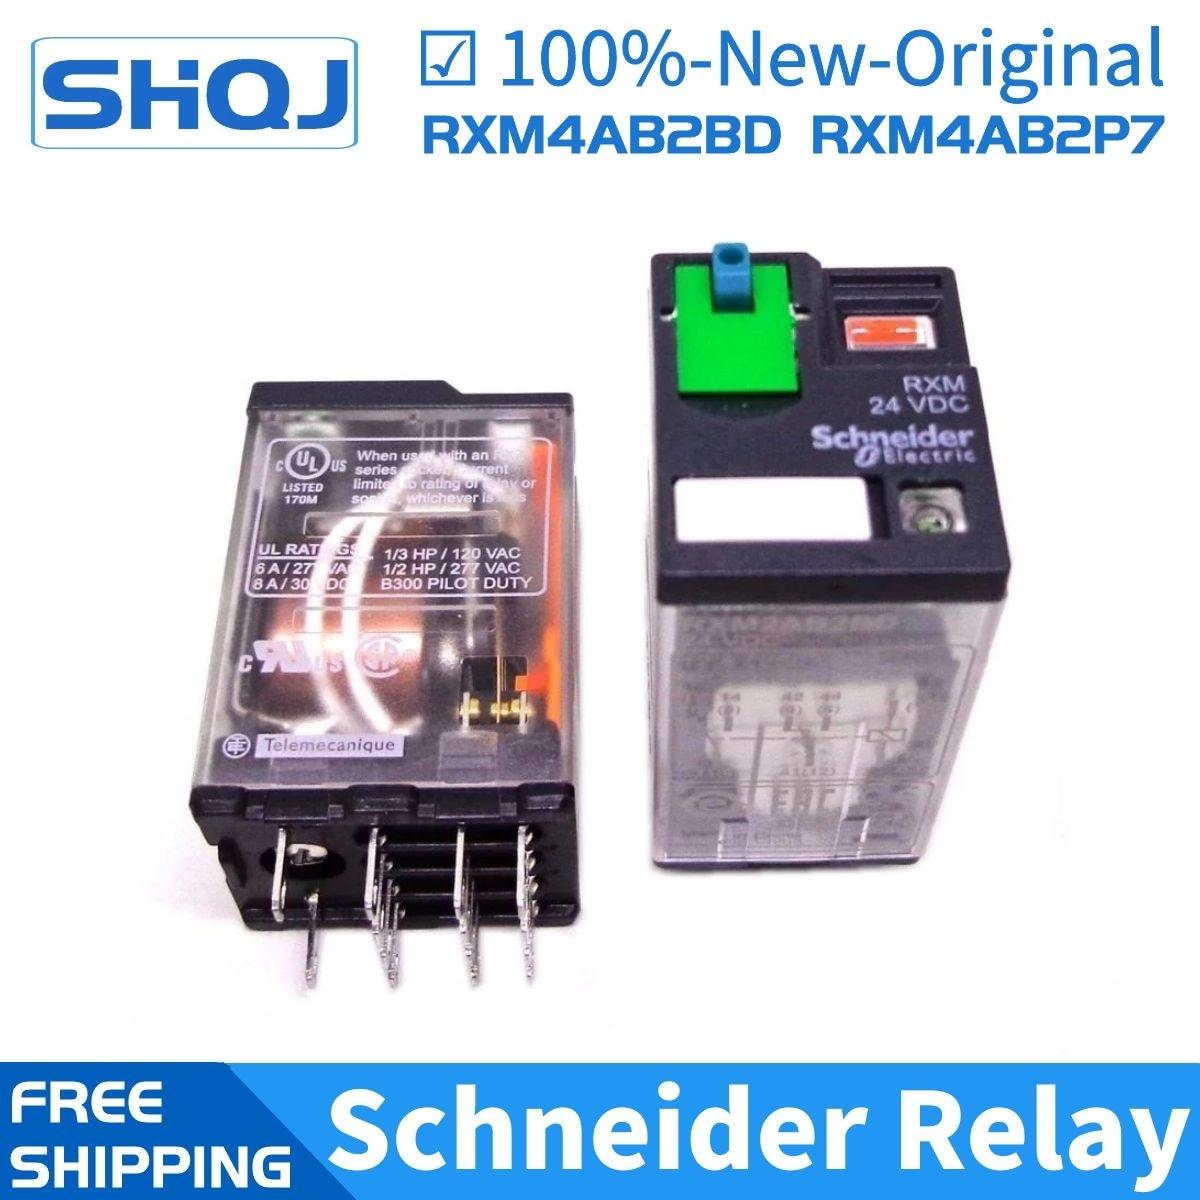 5 قطعة مرحل شنايدر RXM4AB2BD RXM4AB2P7 RXM4AB2JD RXZE1M4C 4CO 6A مرحل + LTB + LED 24VDC 230VAC مرحل شنايدر أصلي جديد